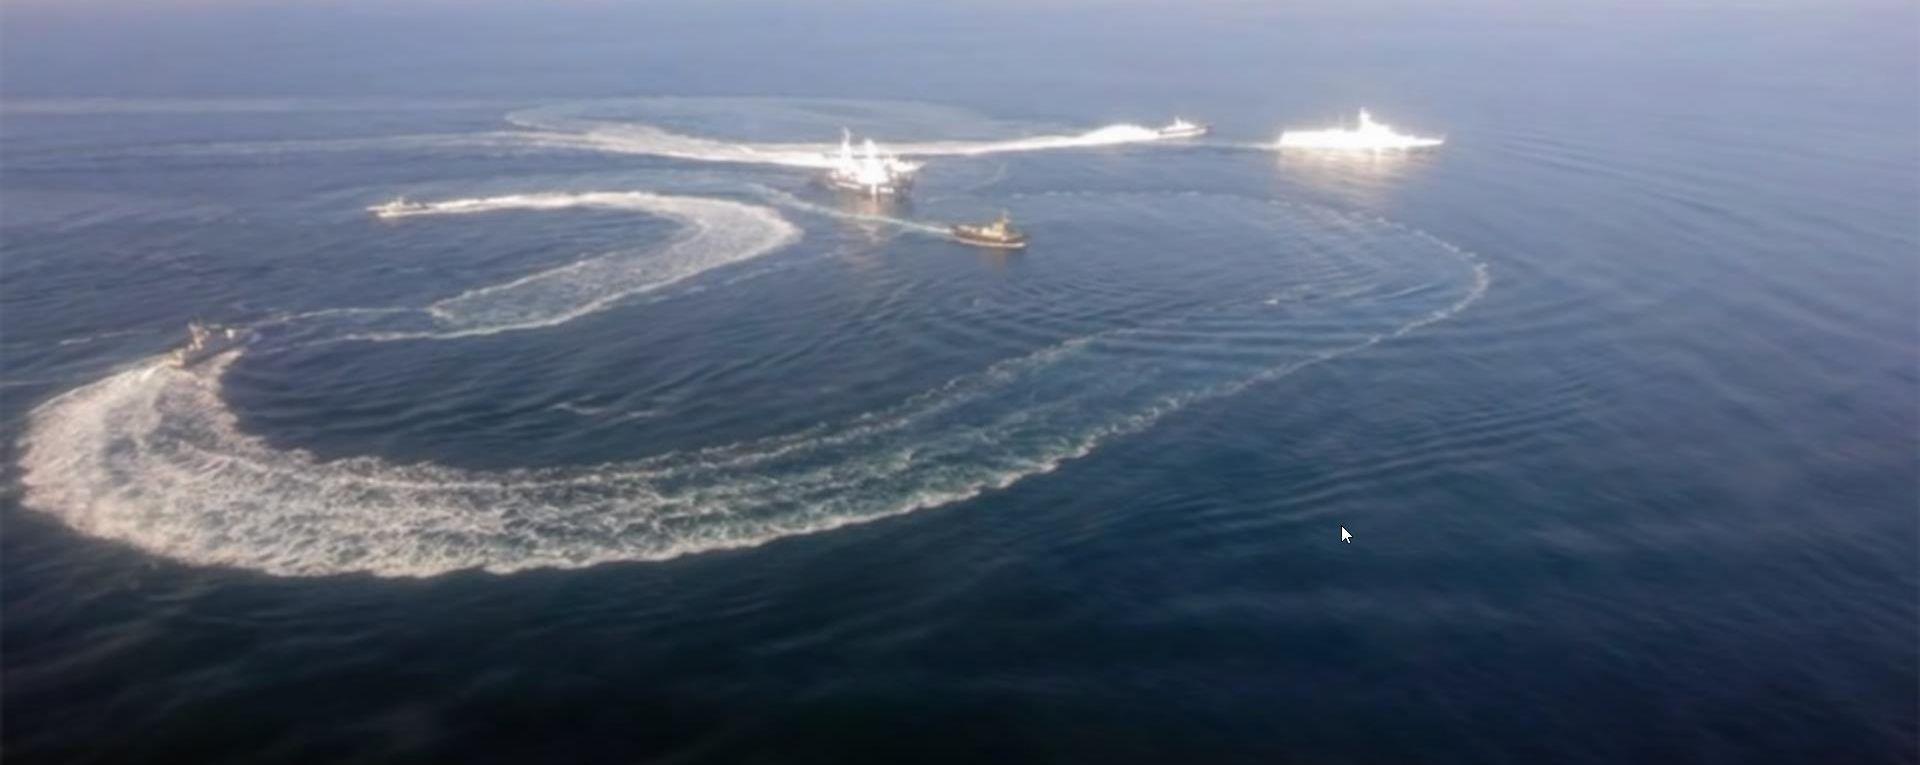 Rusija priznala da je pucala na brodove, Ukrajinci na ulicama Kijeva